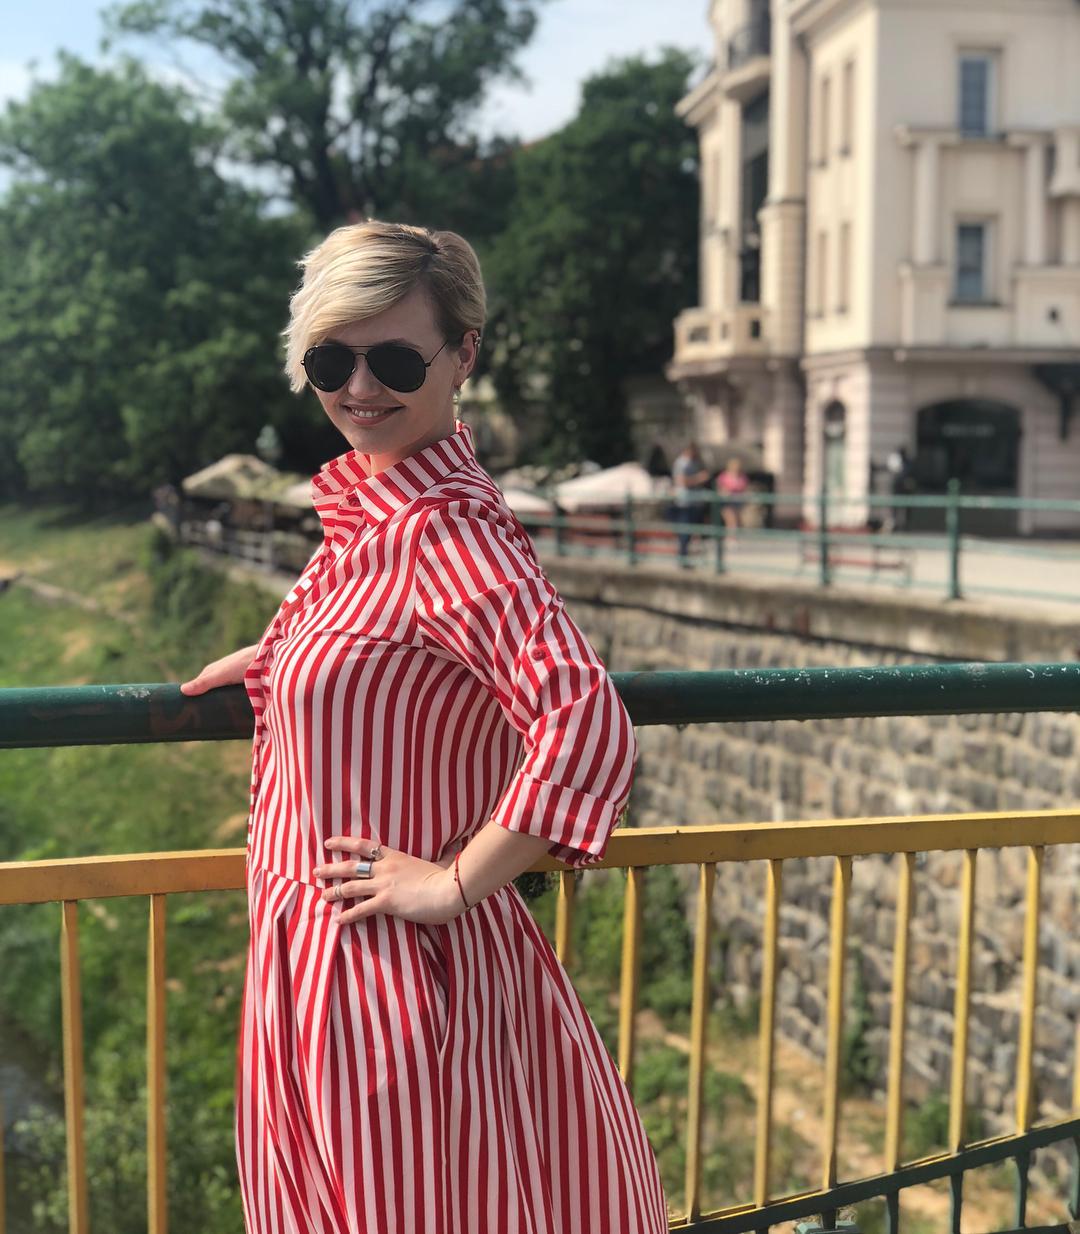 Я не встречала фригидных женщин - Хайдукова / instagram.com/olha_khaidukova